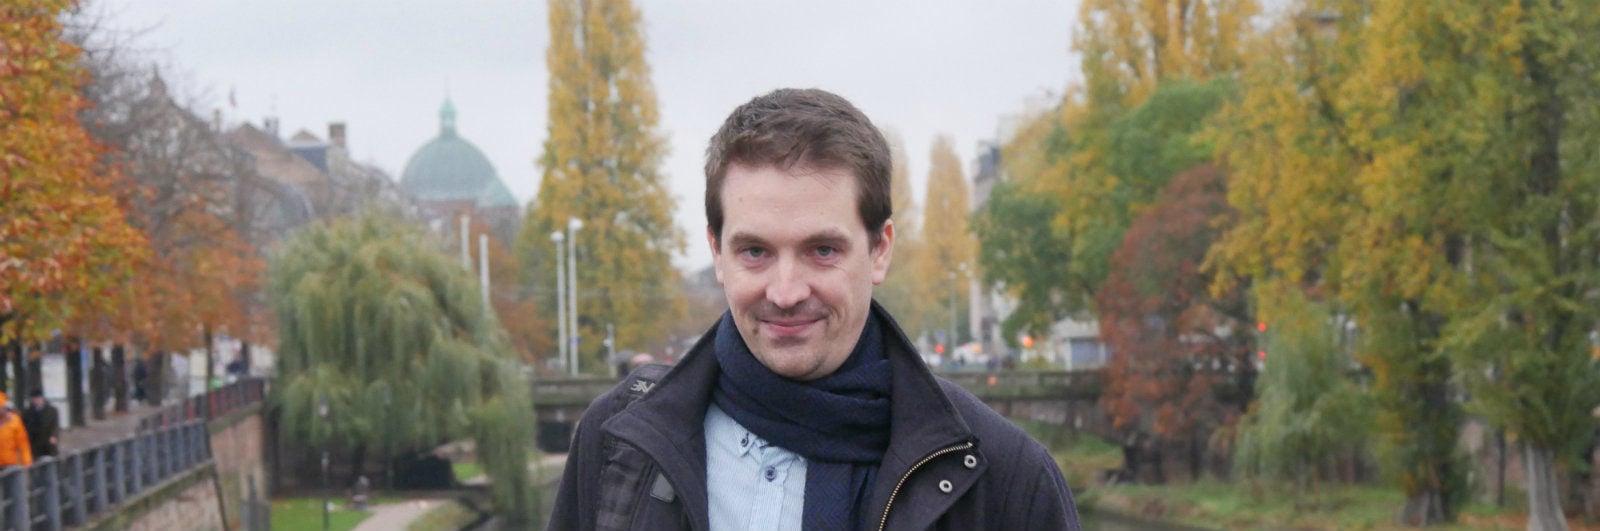 Baptist Cornabas, professeur d'Histoire, youtubeur précaire